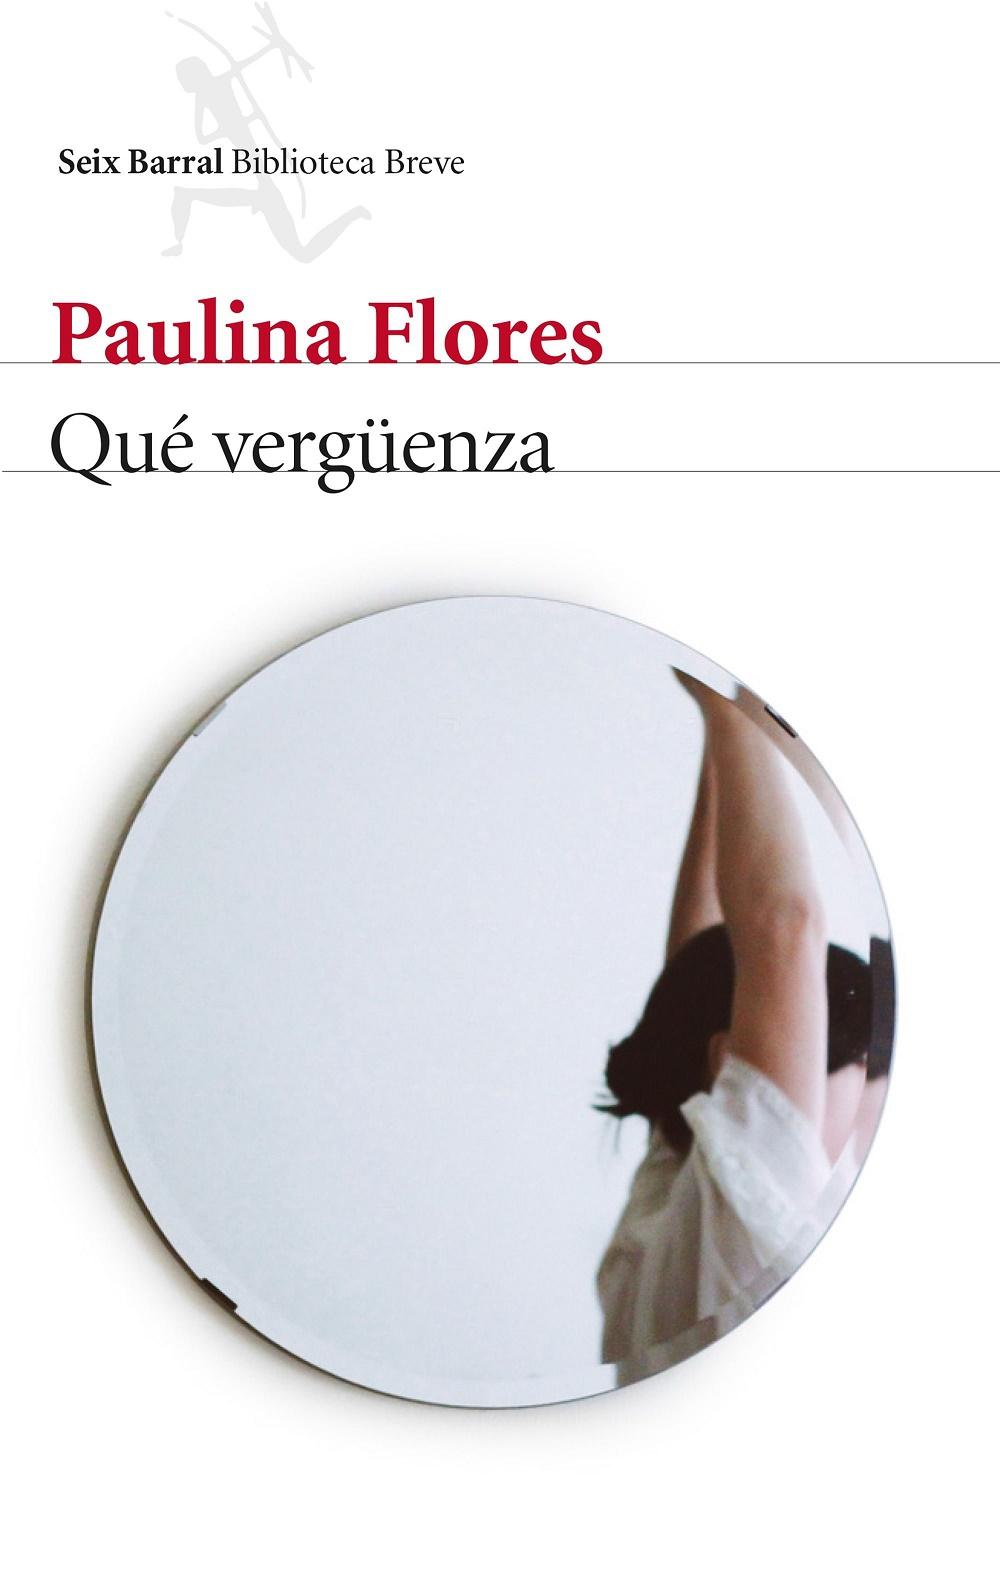 https://laantiguabiblos.blogspot.com.es/2017/03/que-verguenza-paulina-flores.html